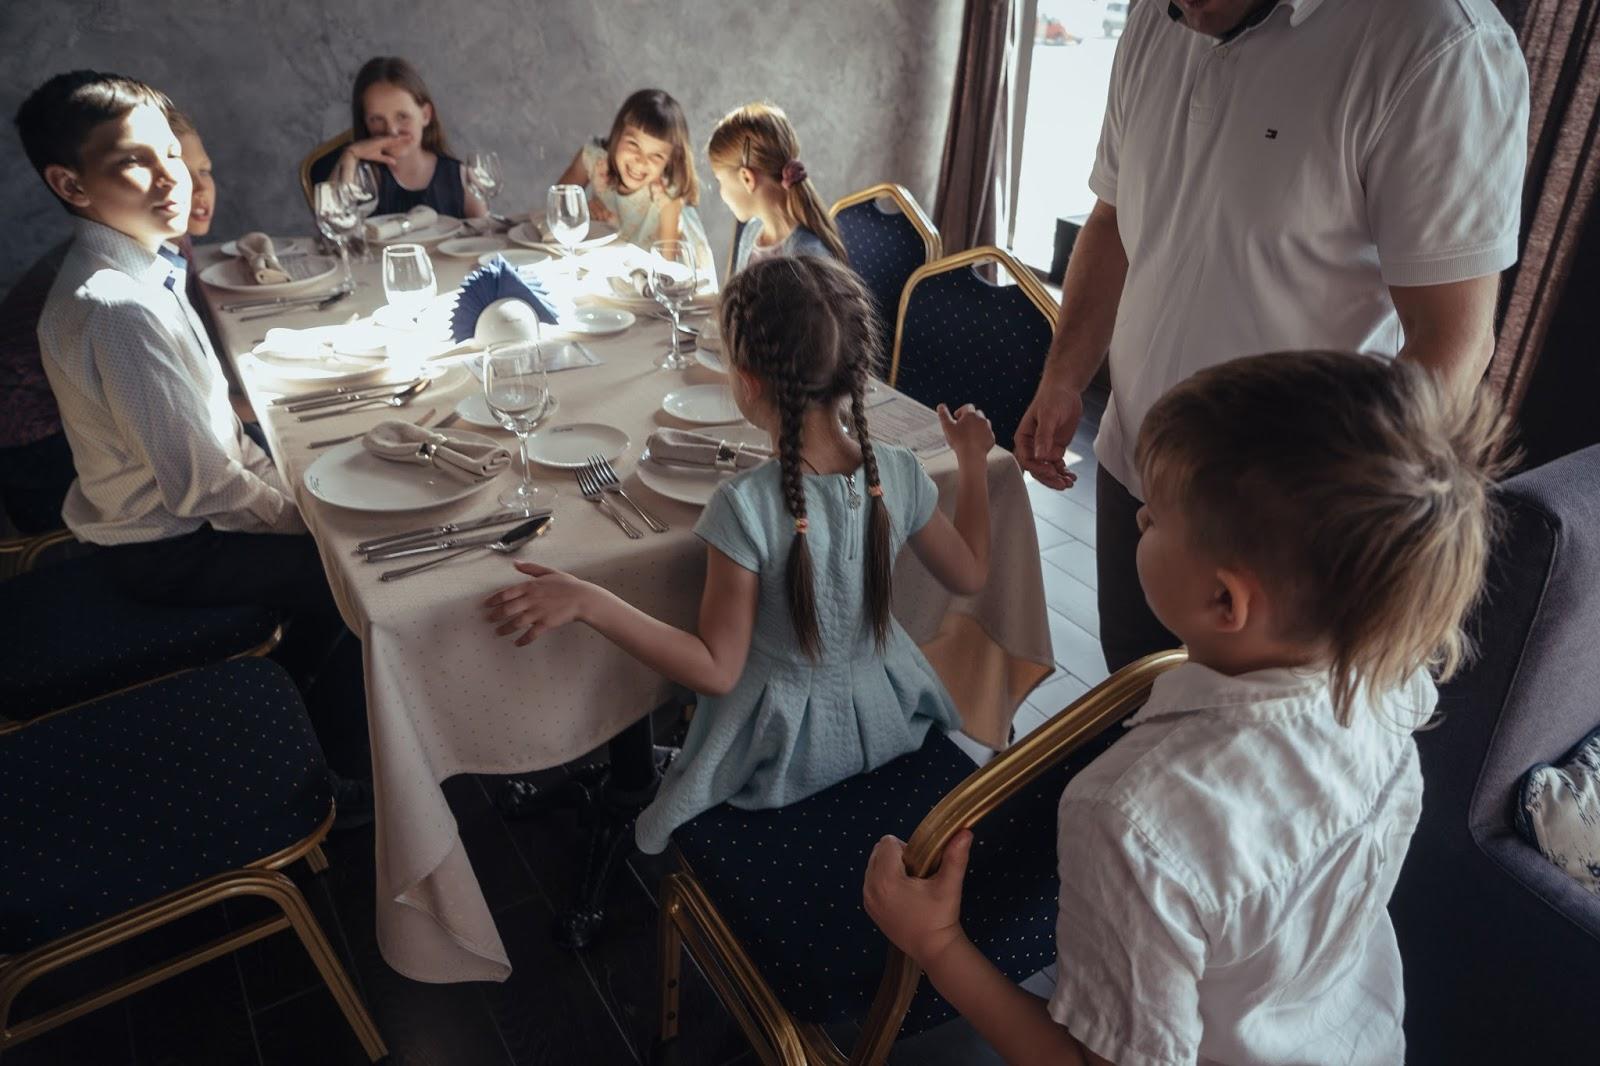 Столовый этикет для детей